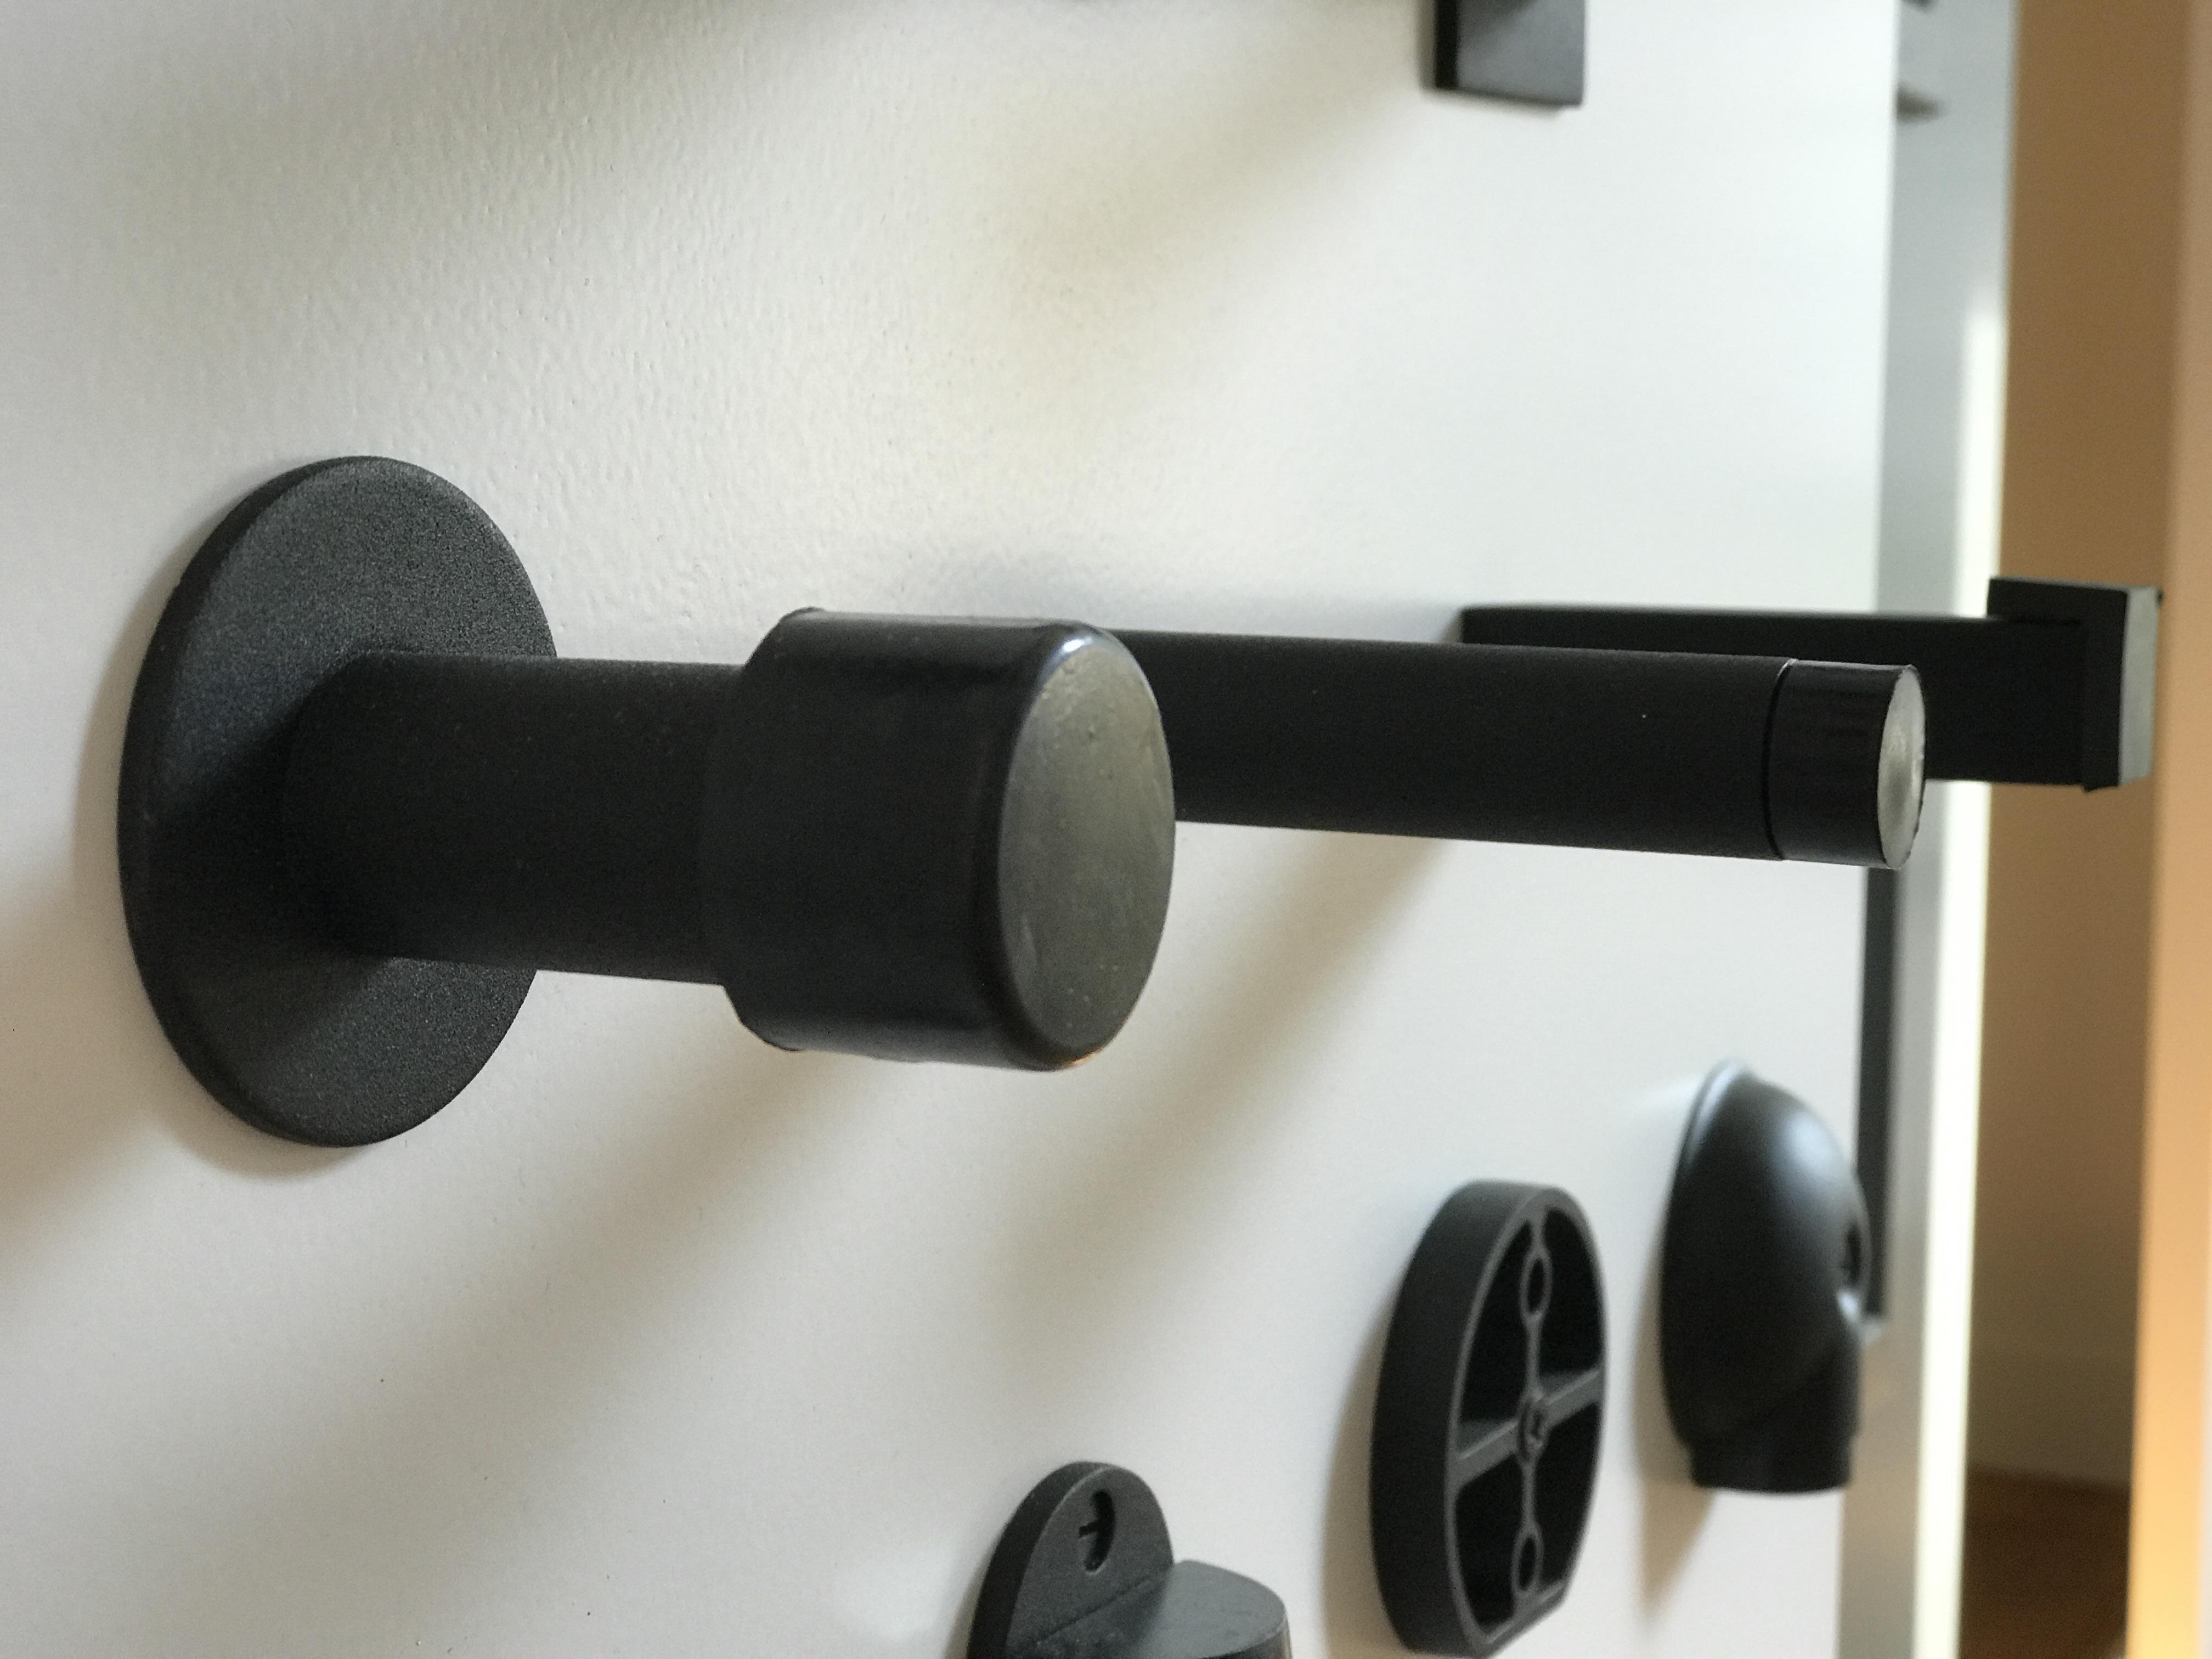 Bescherm muur en deur met deurstoppers